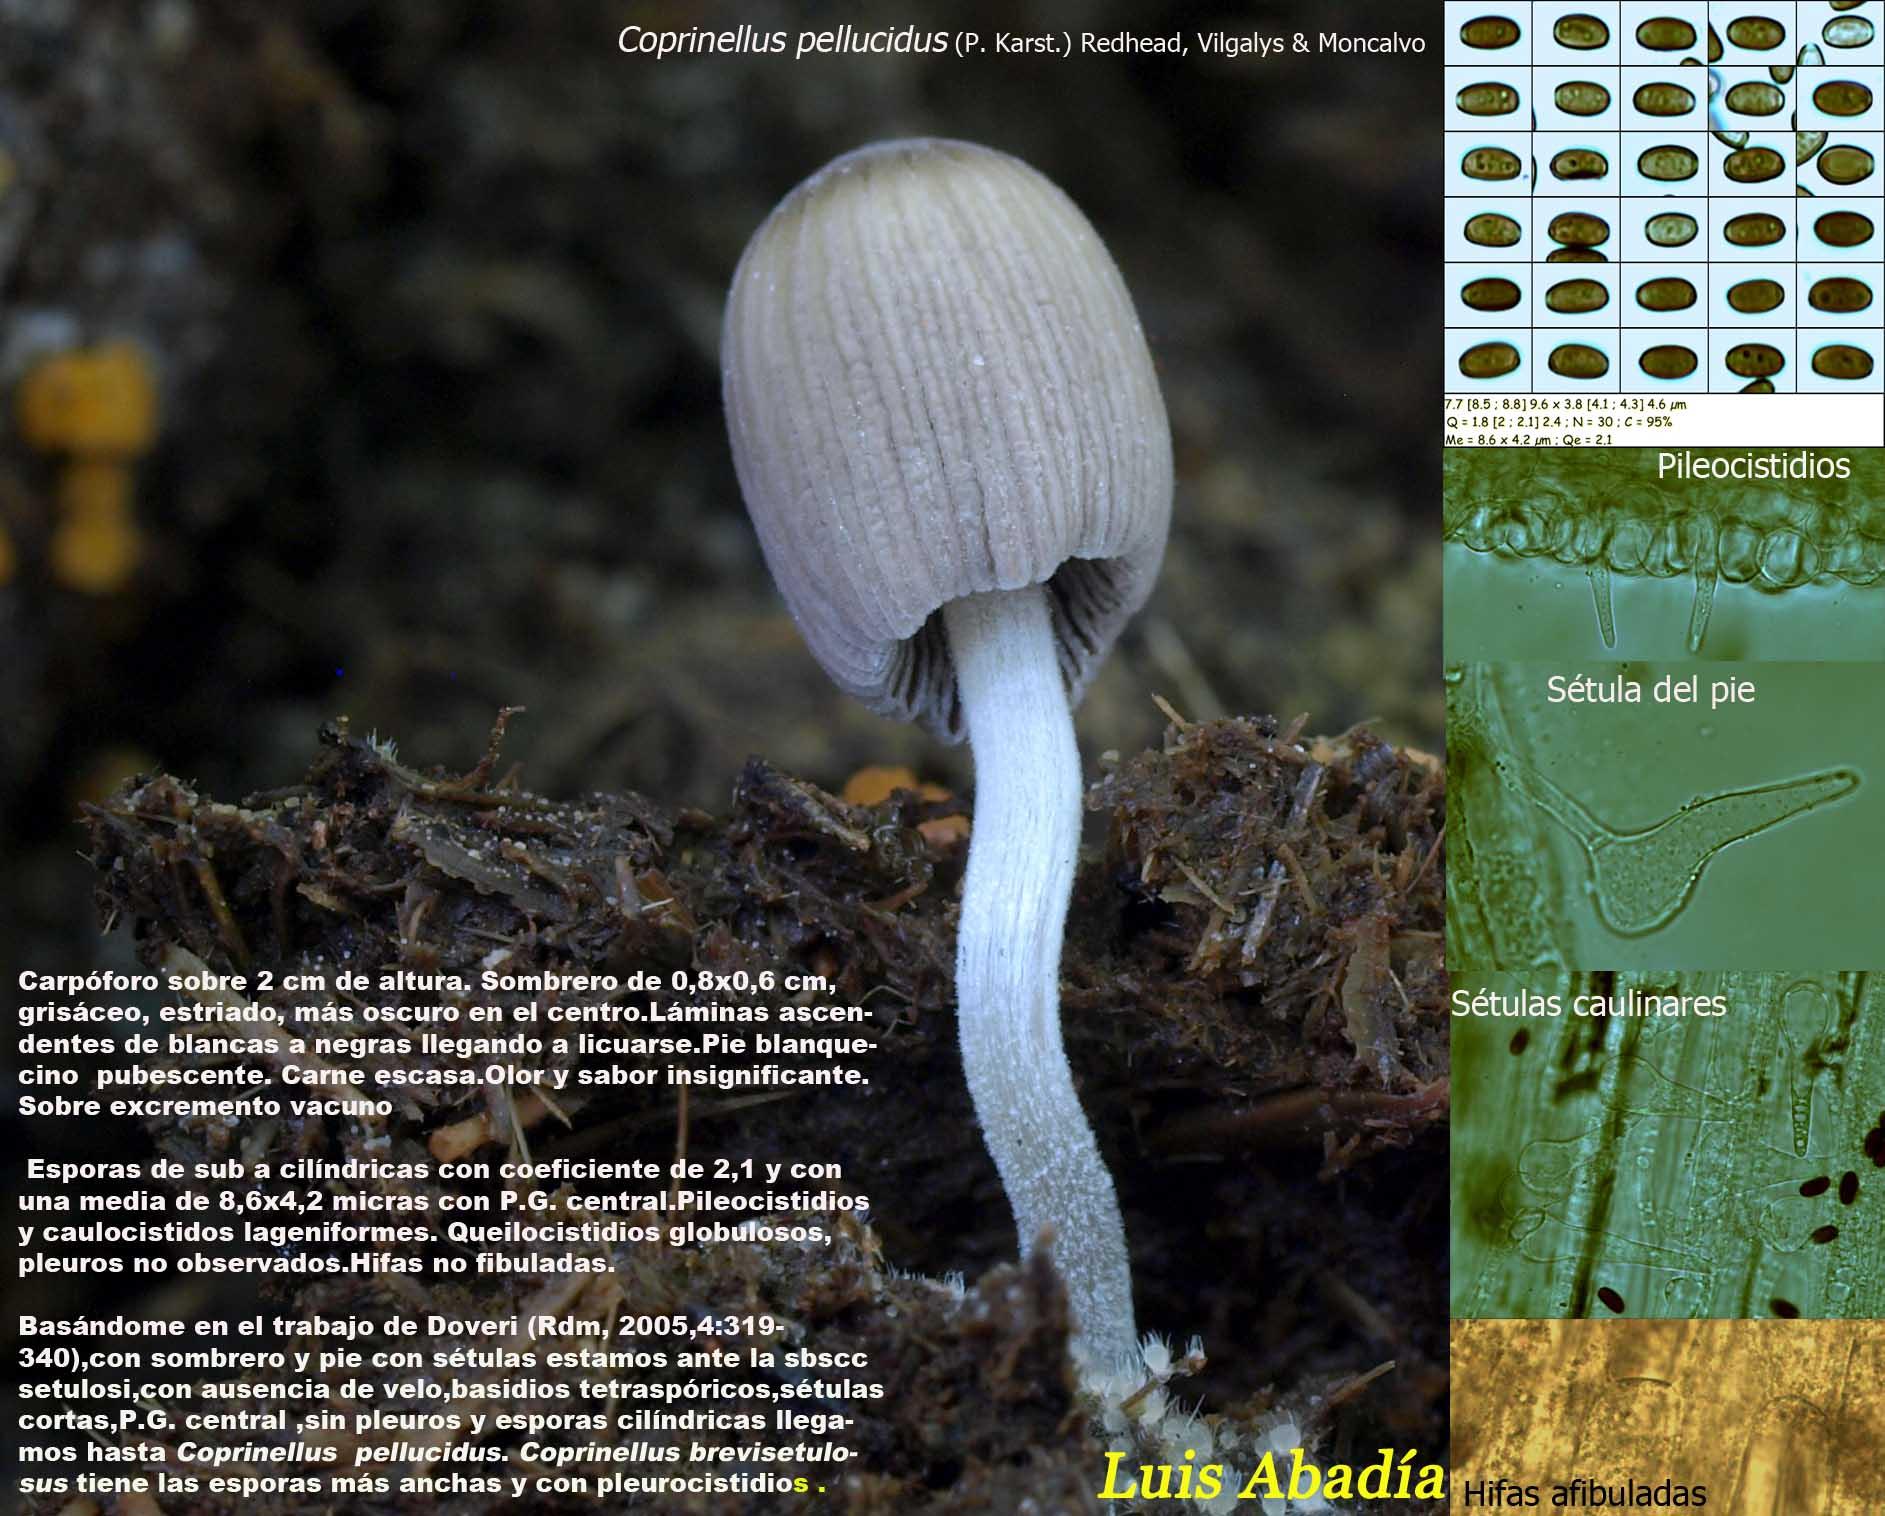 Coprinellus pellucidus